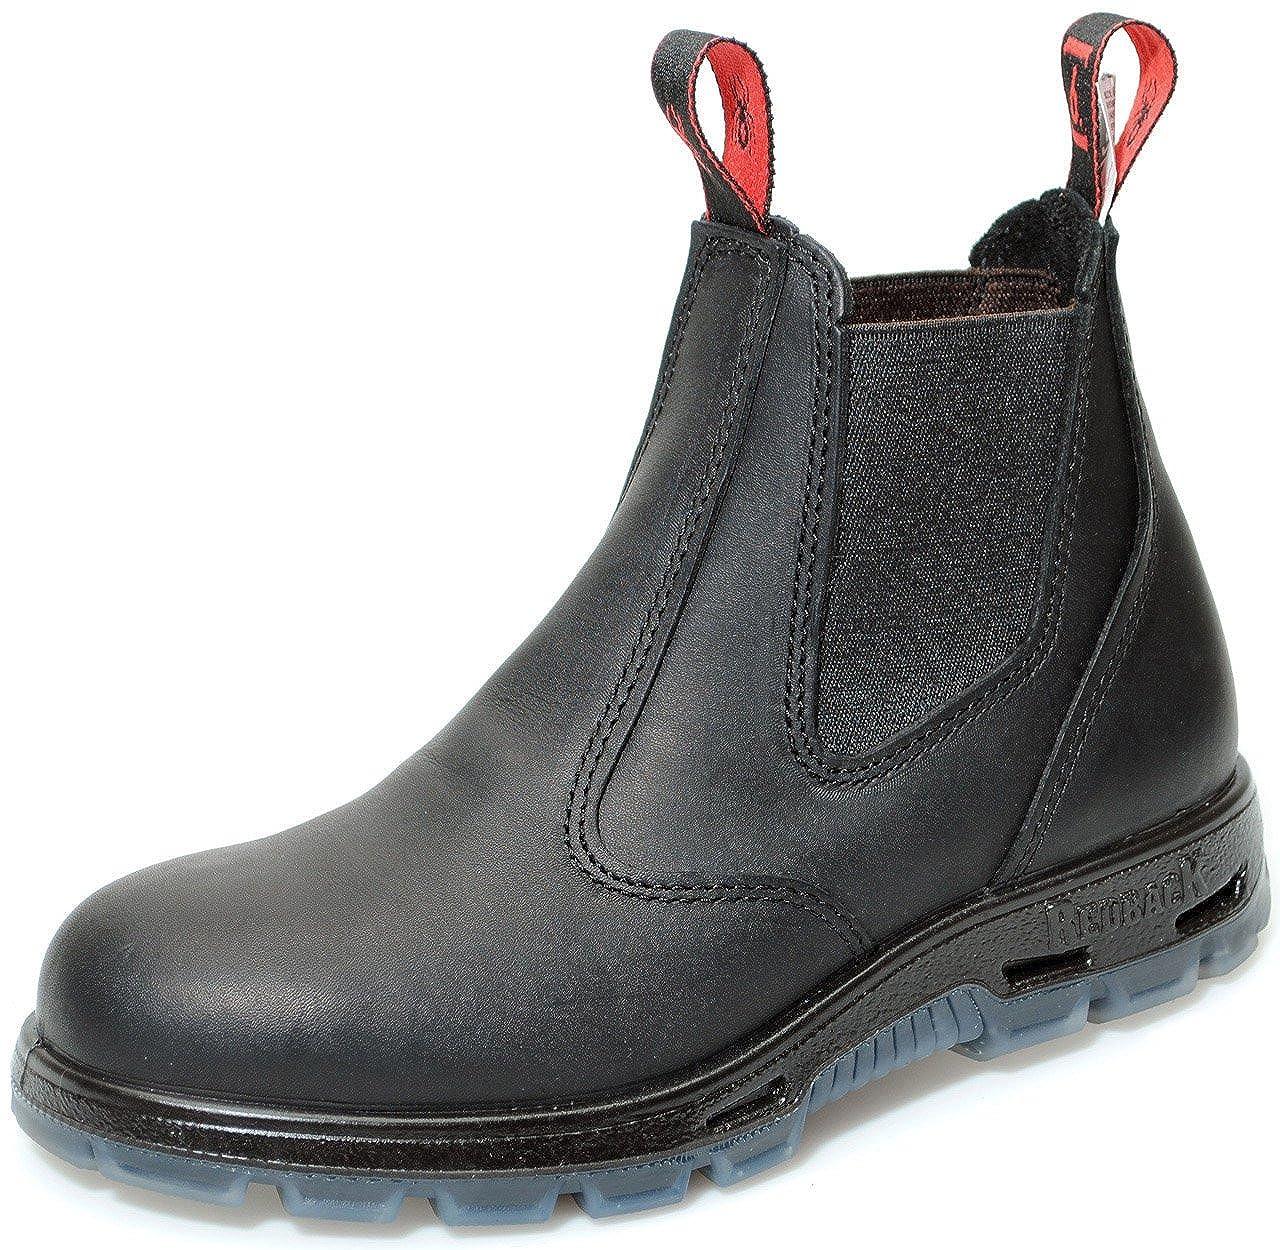 Redback USBBK Safety Work Boots aus Australien - mit Stahlkappe - Unisex | Black/Schwarz